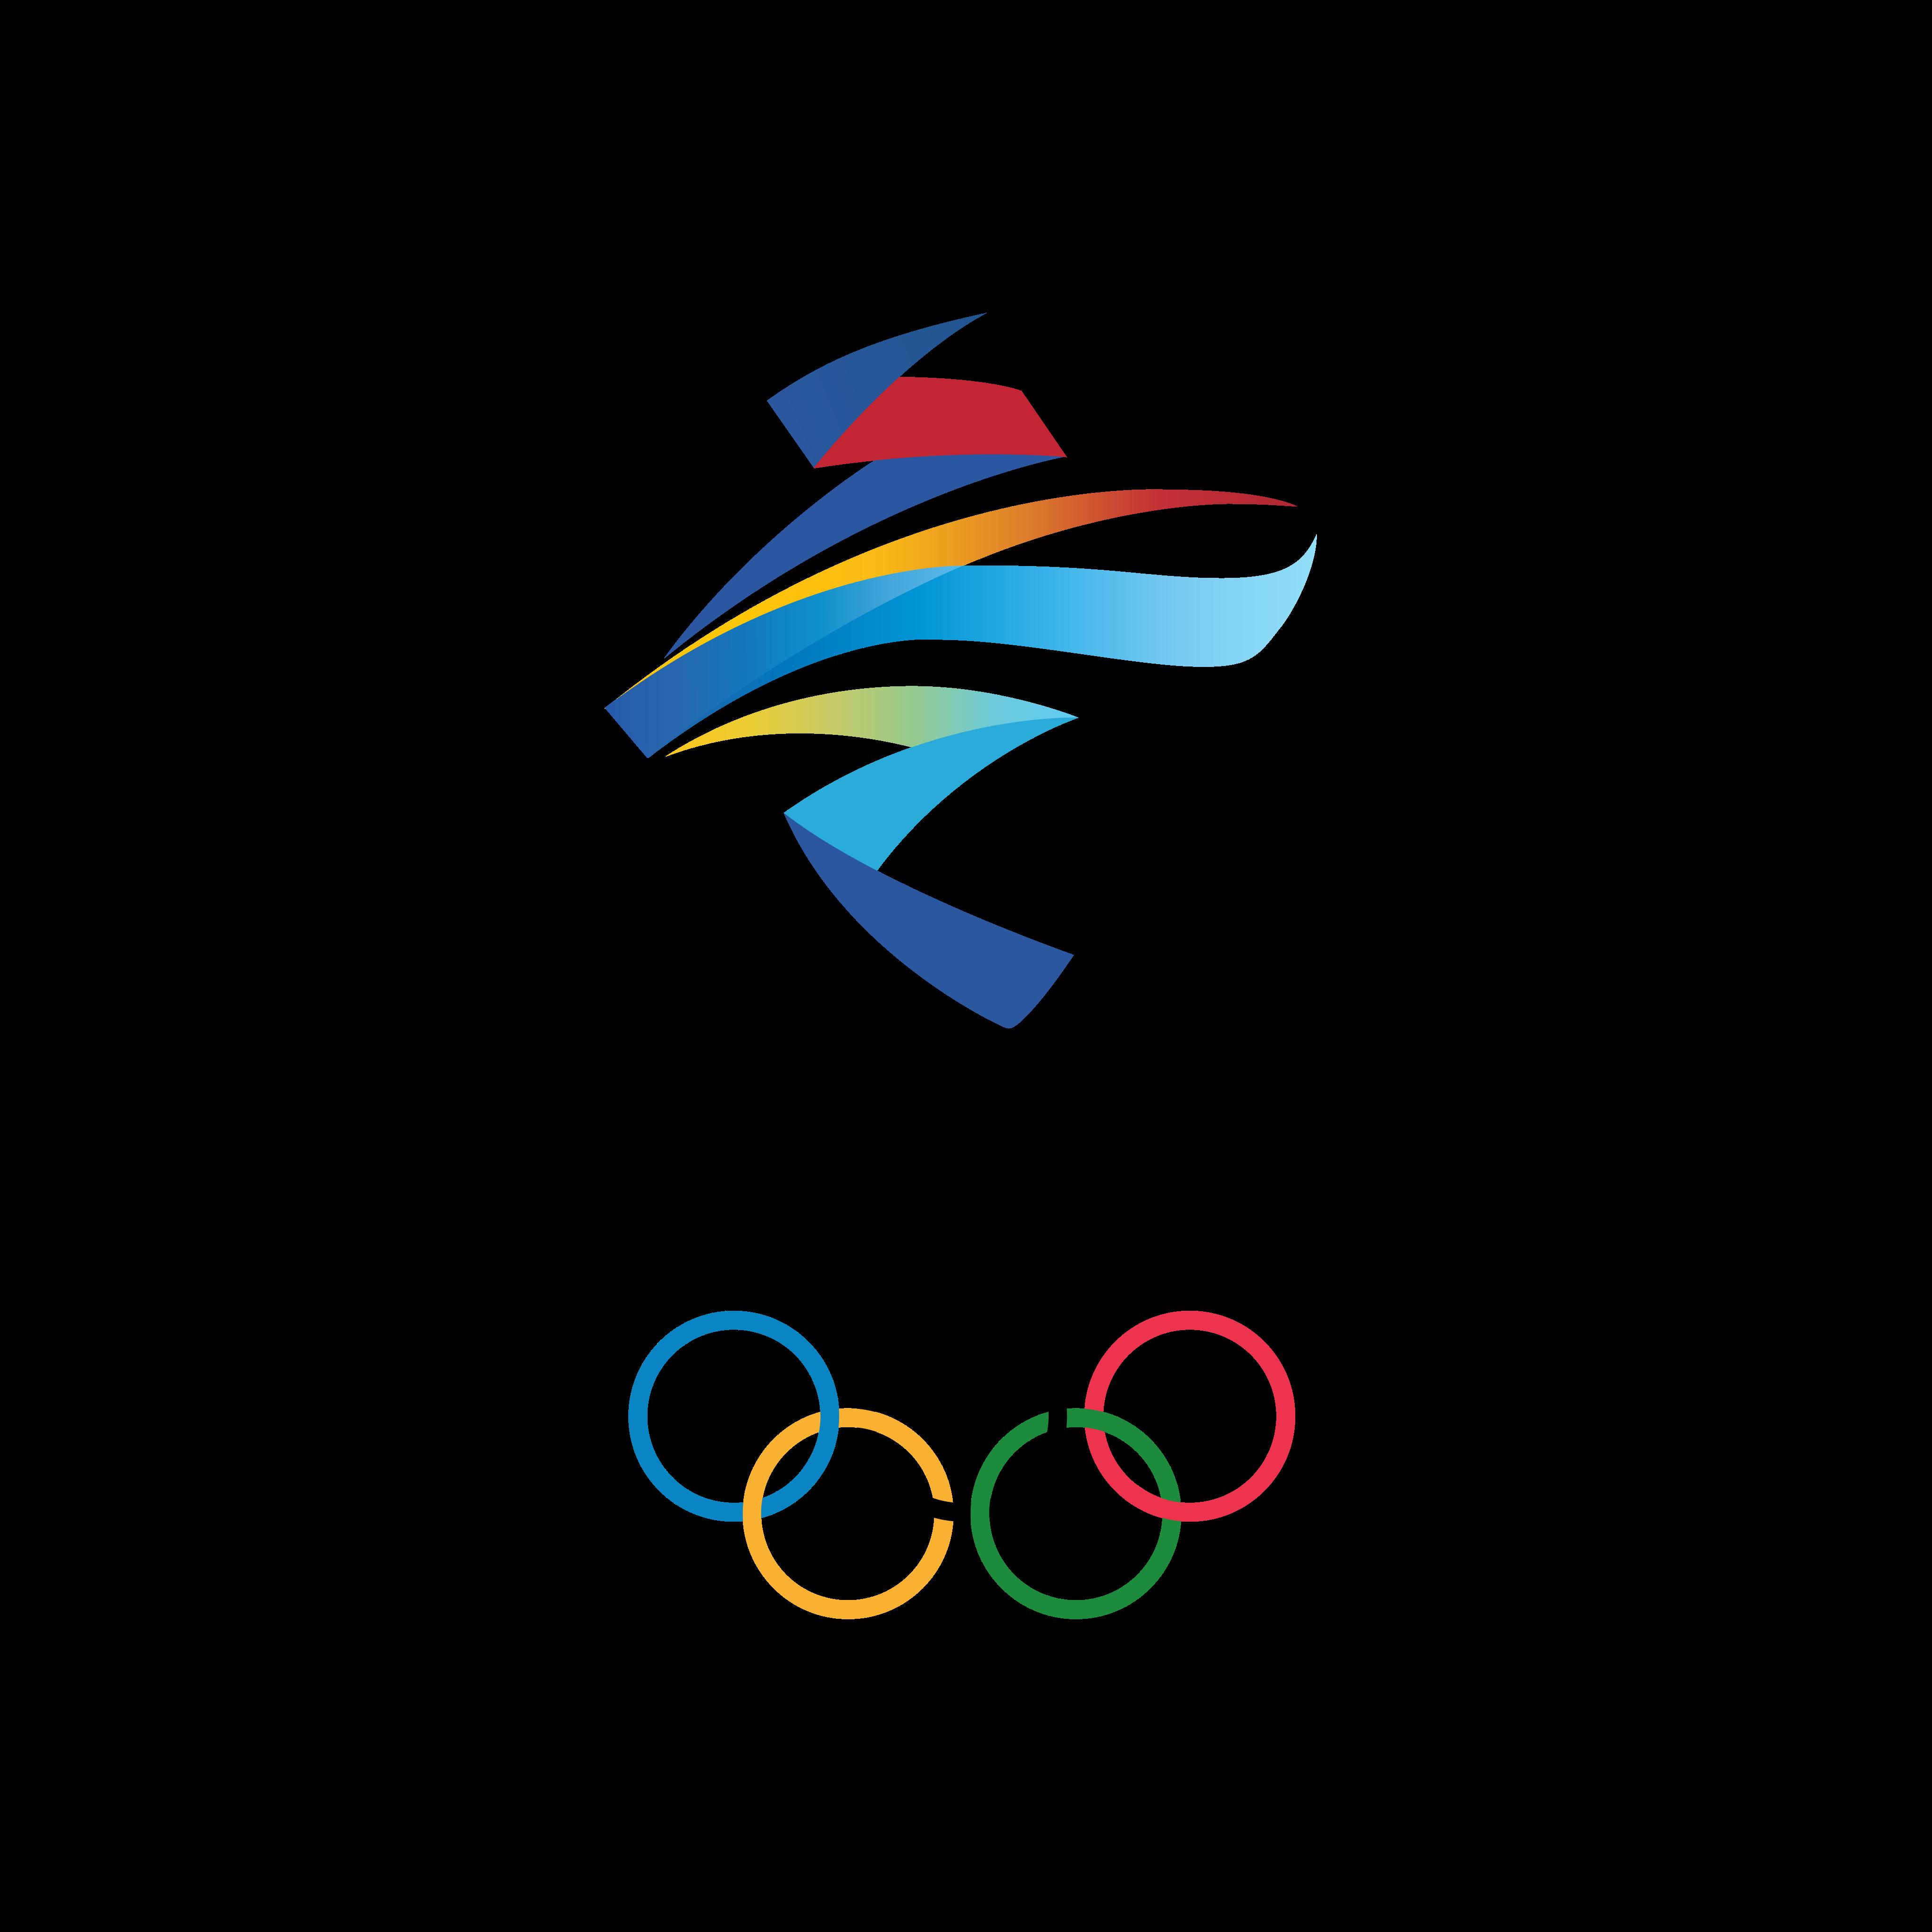 beijing 2022 logo 0 - Pekín 2022 Logo